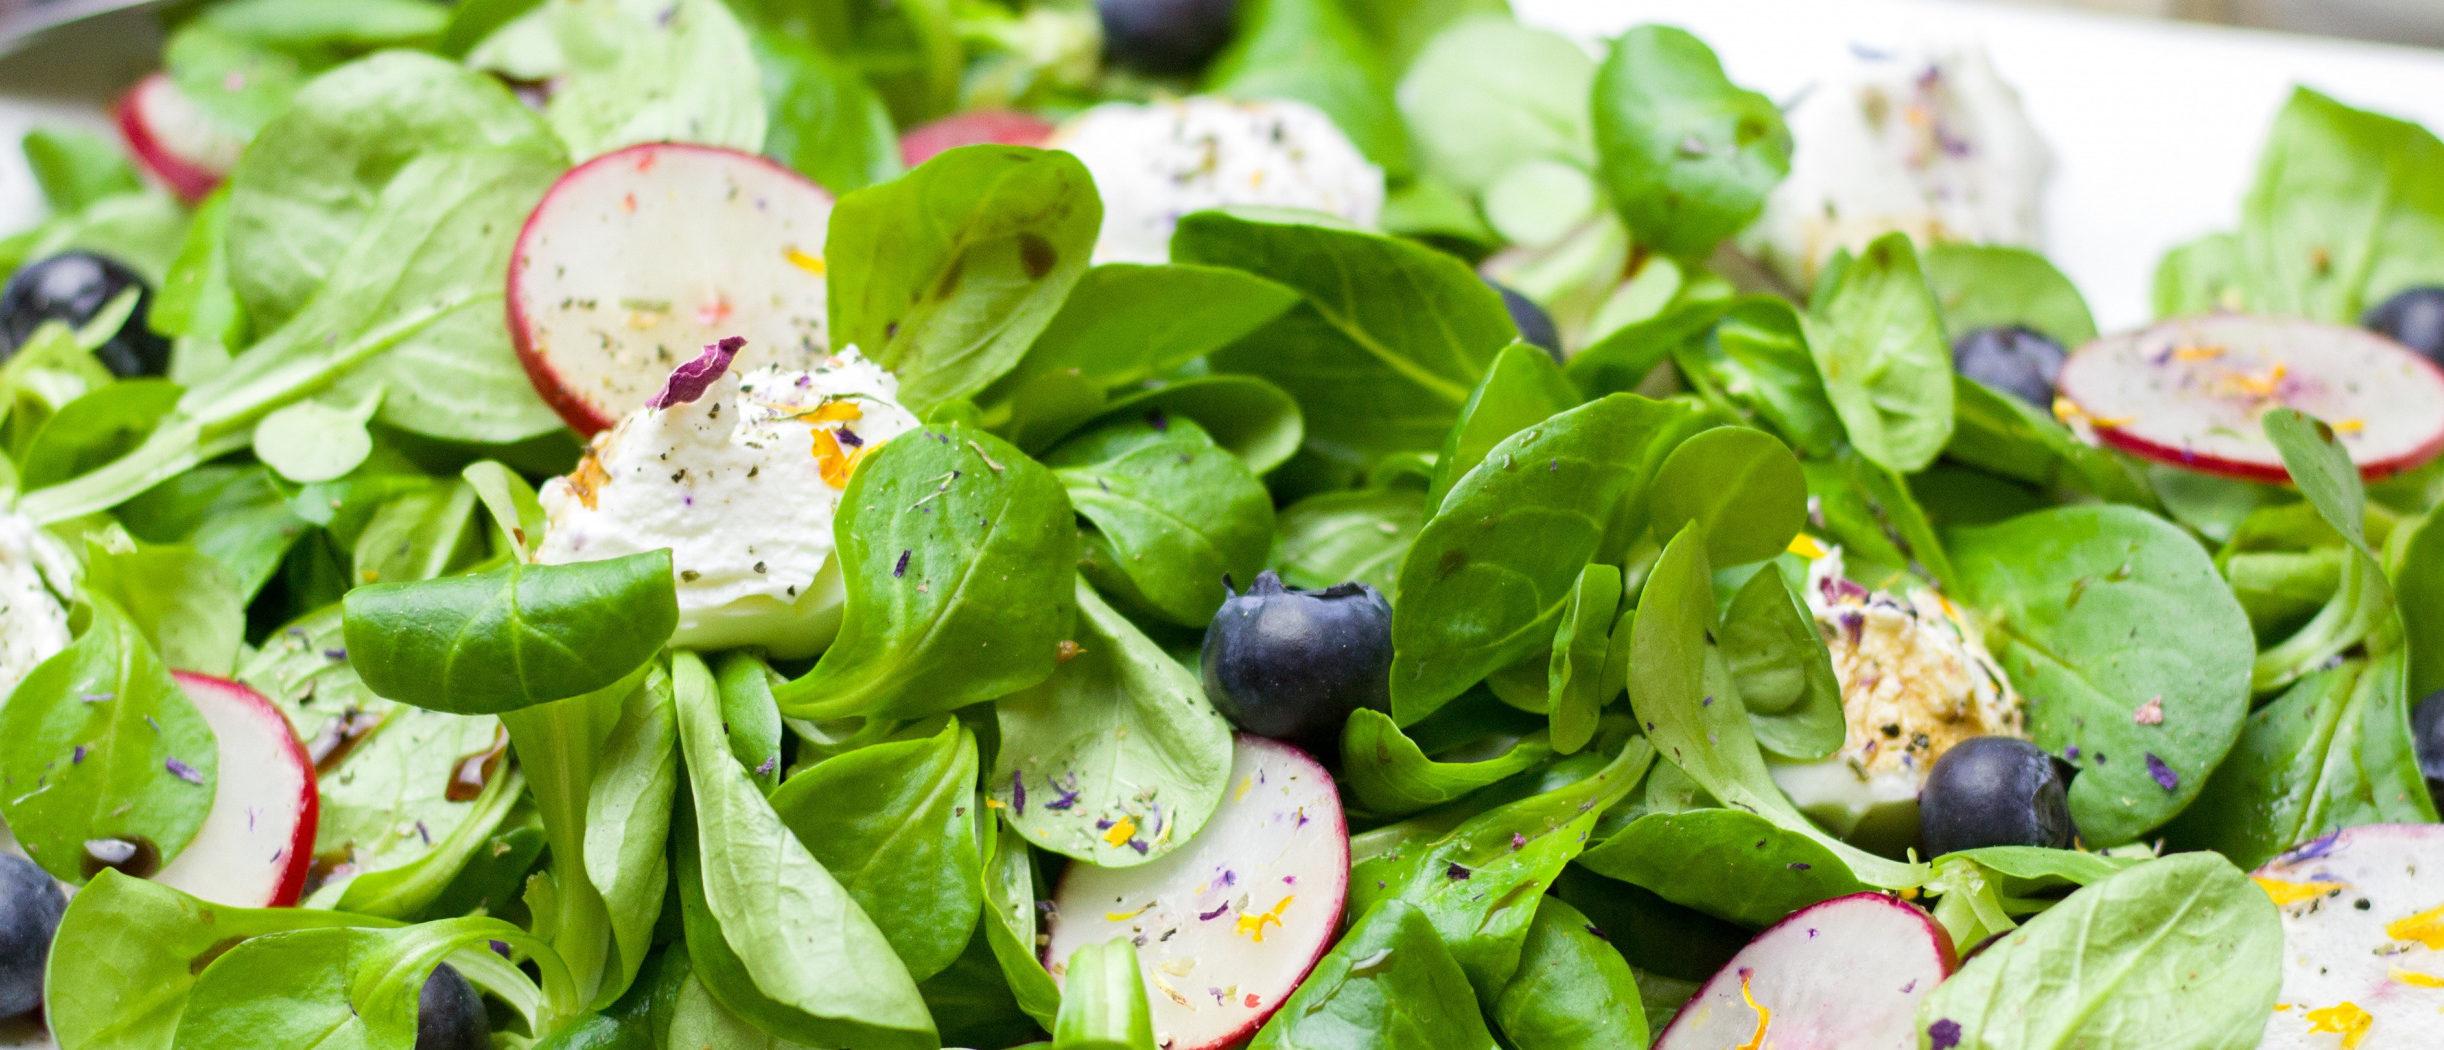 овощной салат с черникой